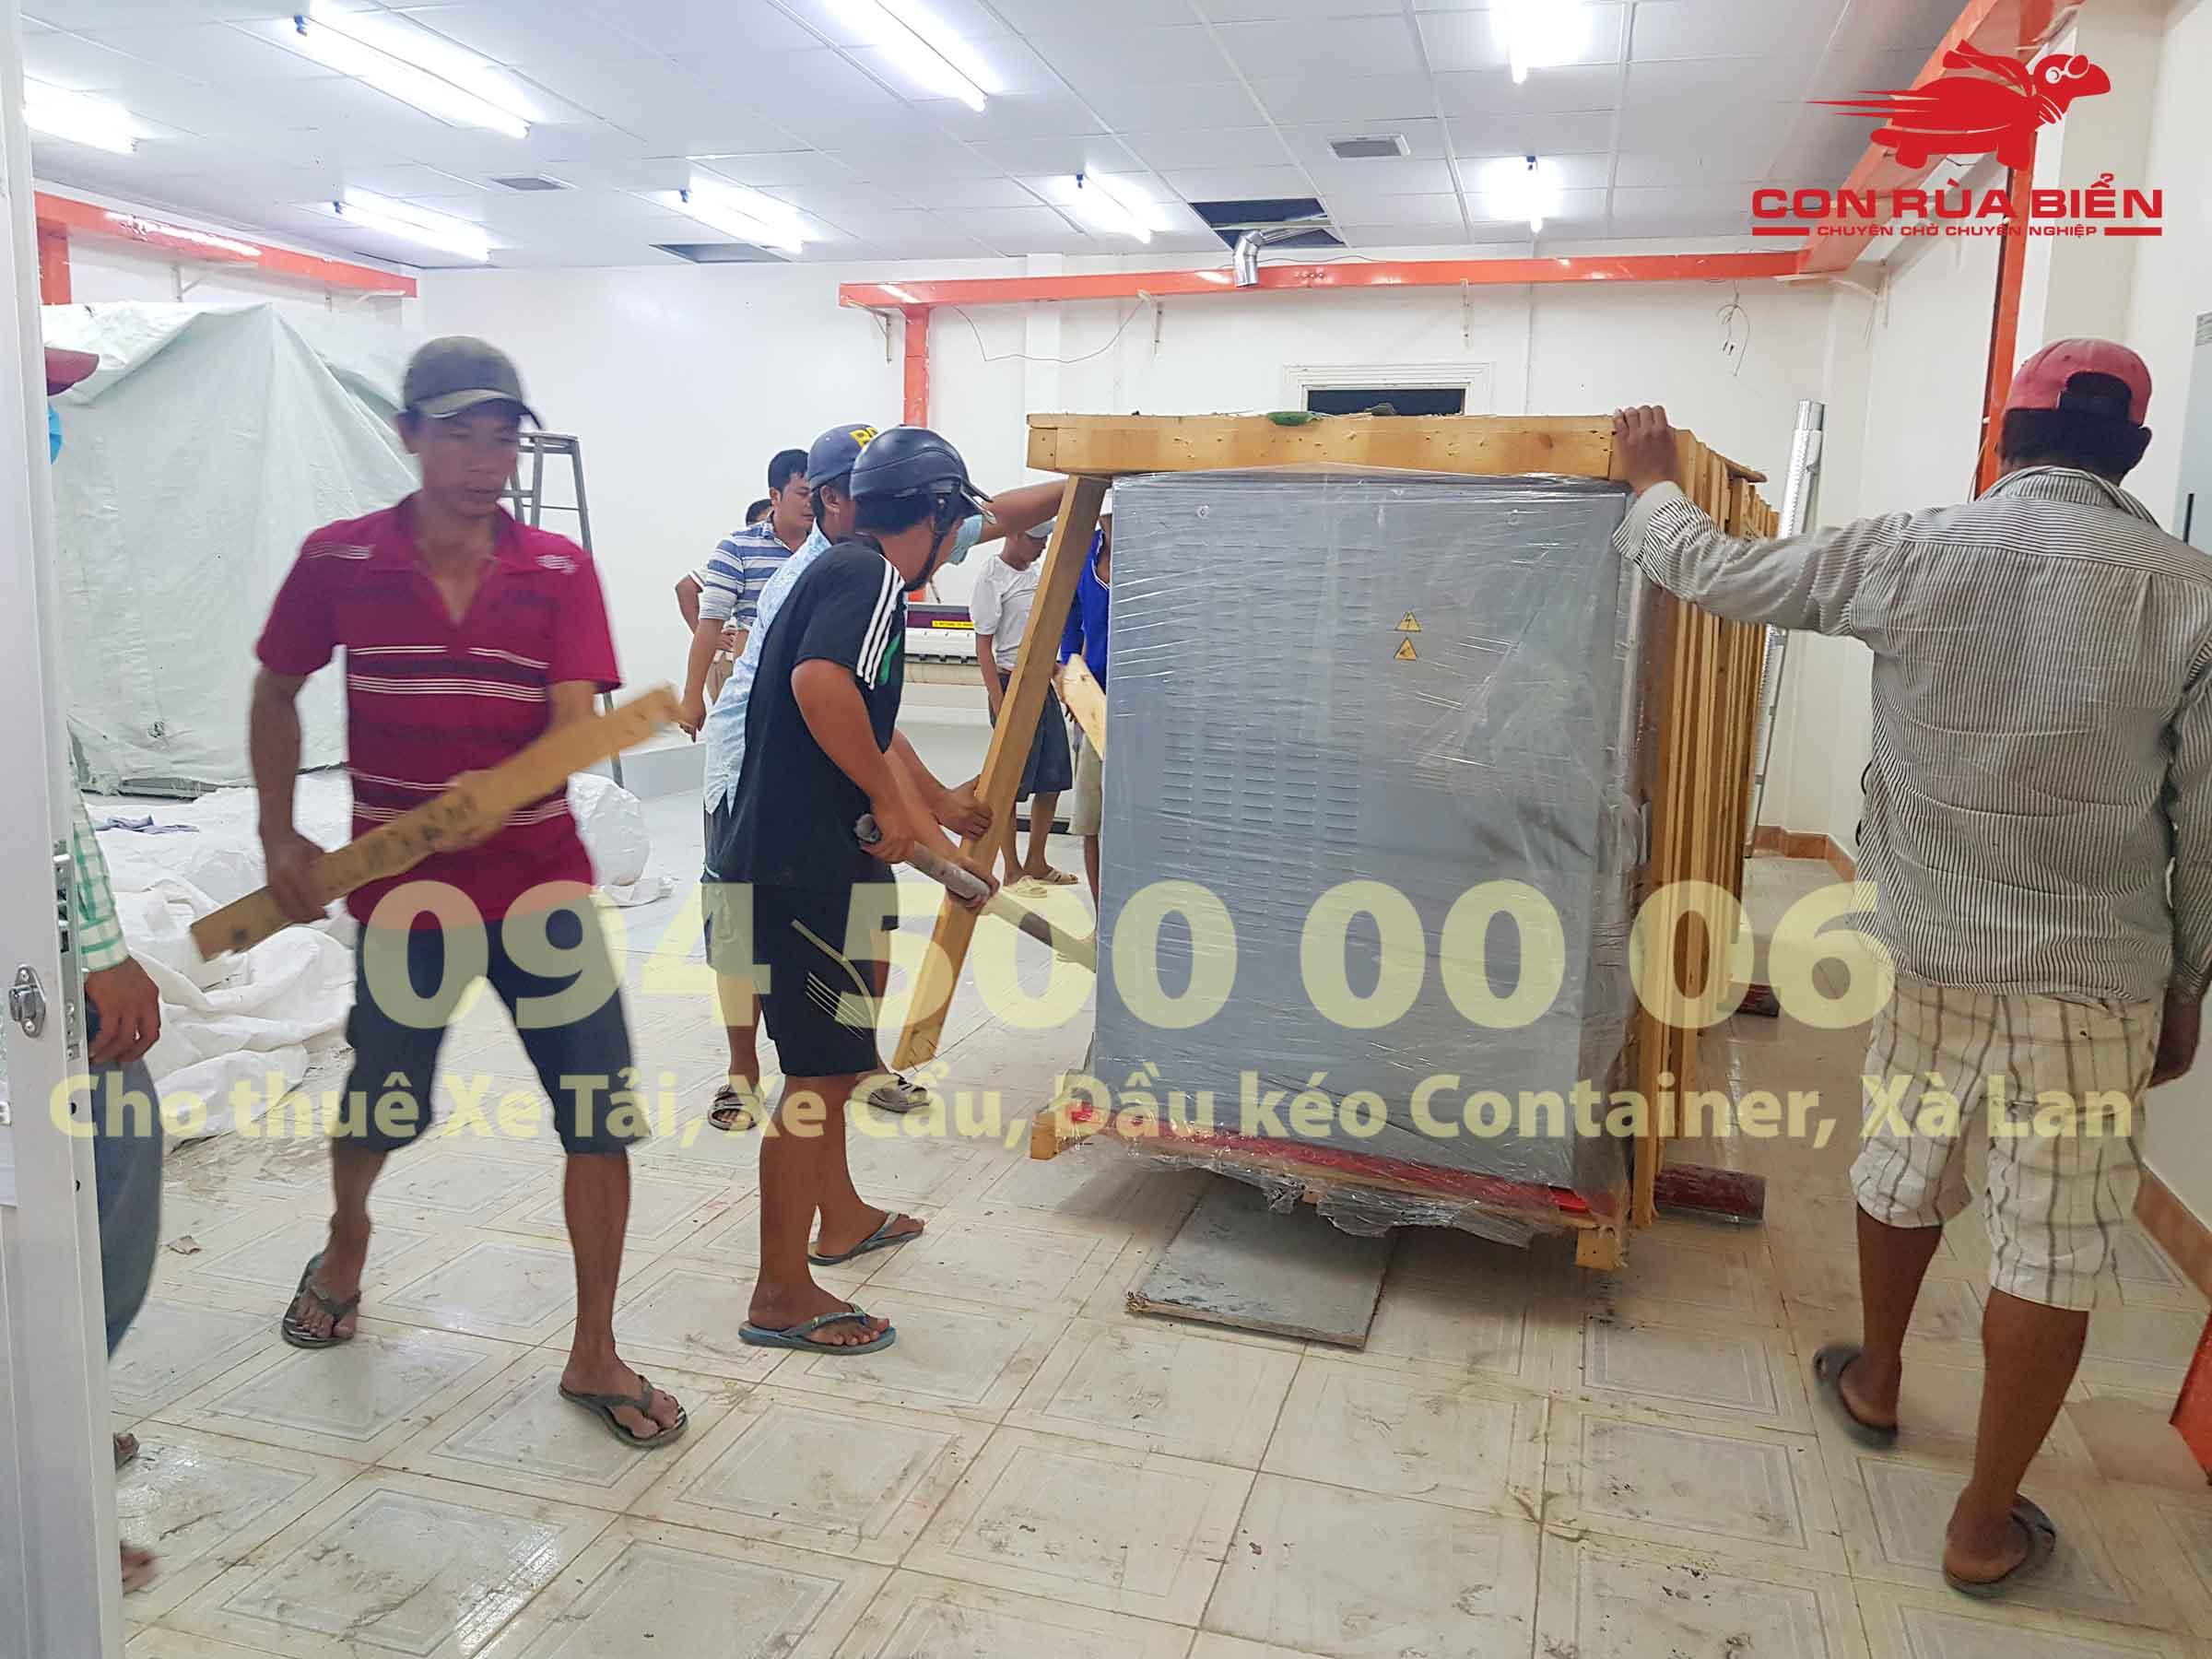 Du an Van chuyen May Giat Say Cong Nghiep di Phu Quoc 9